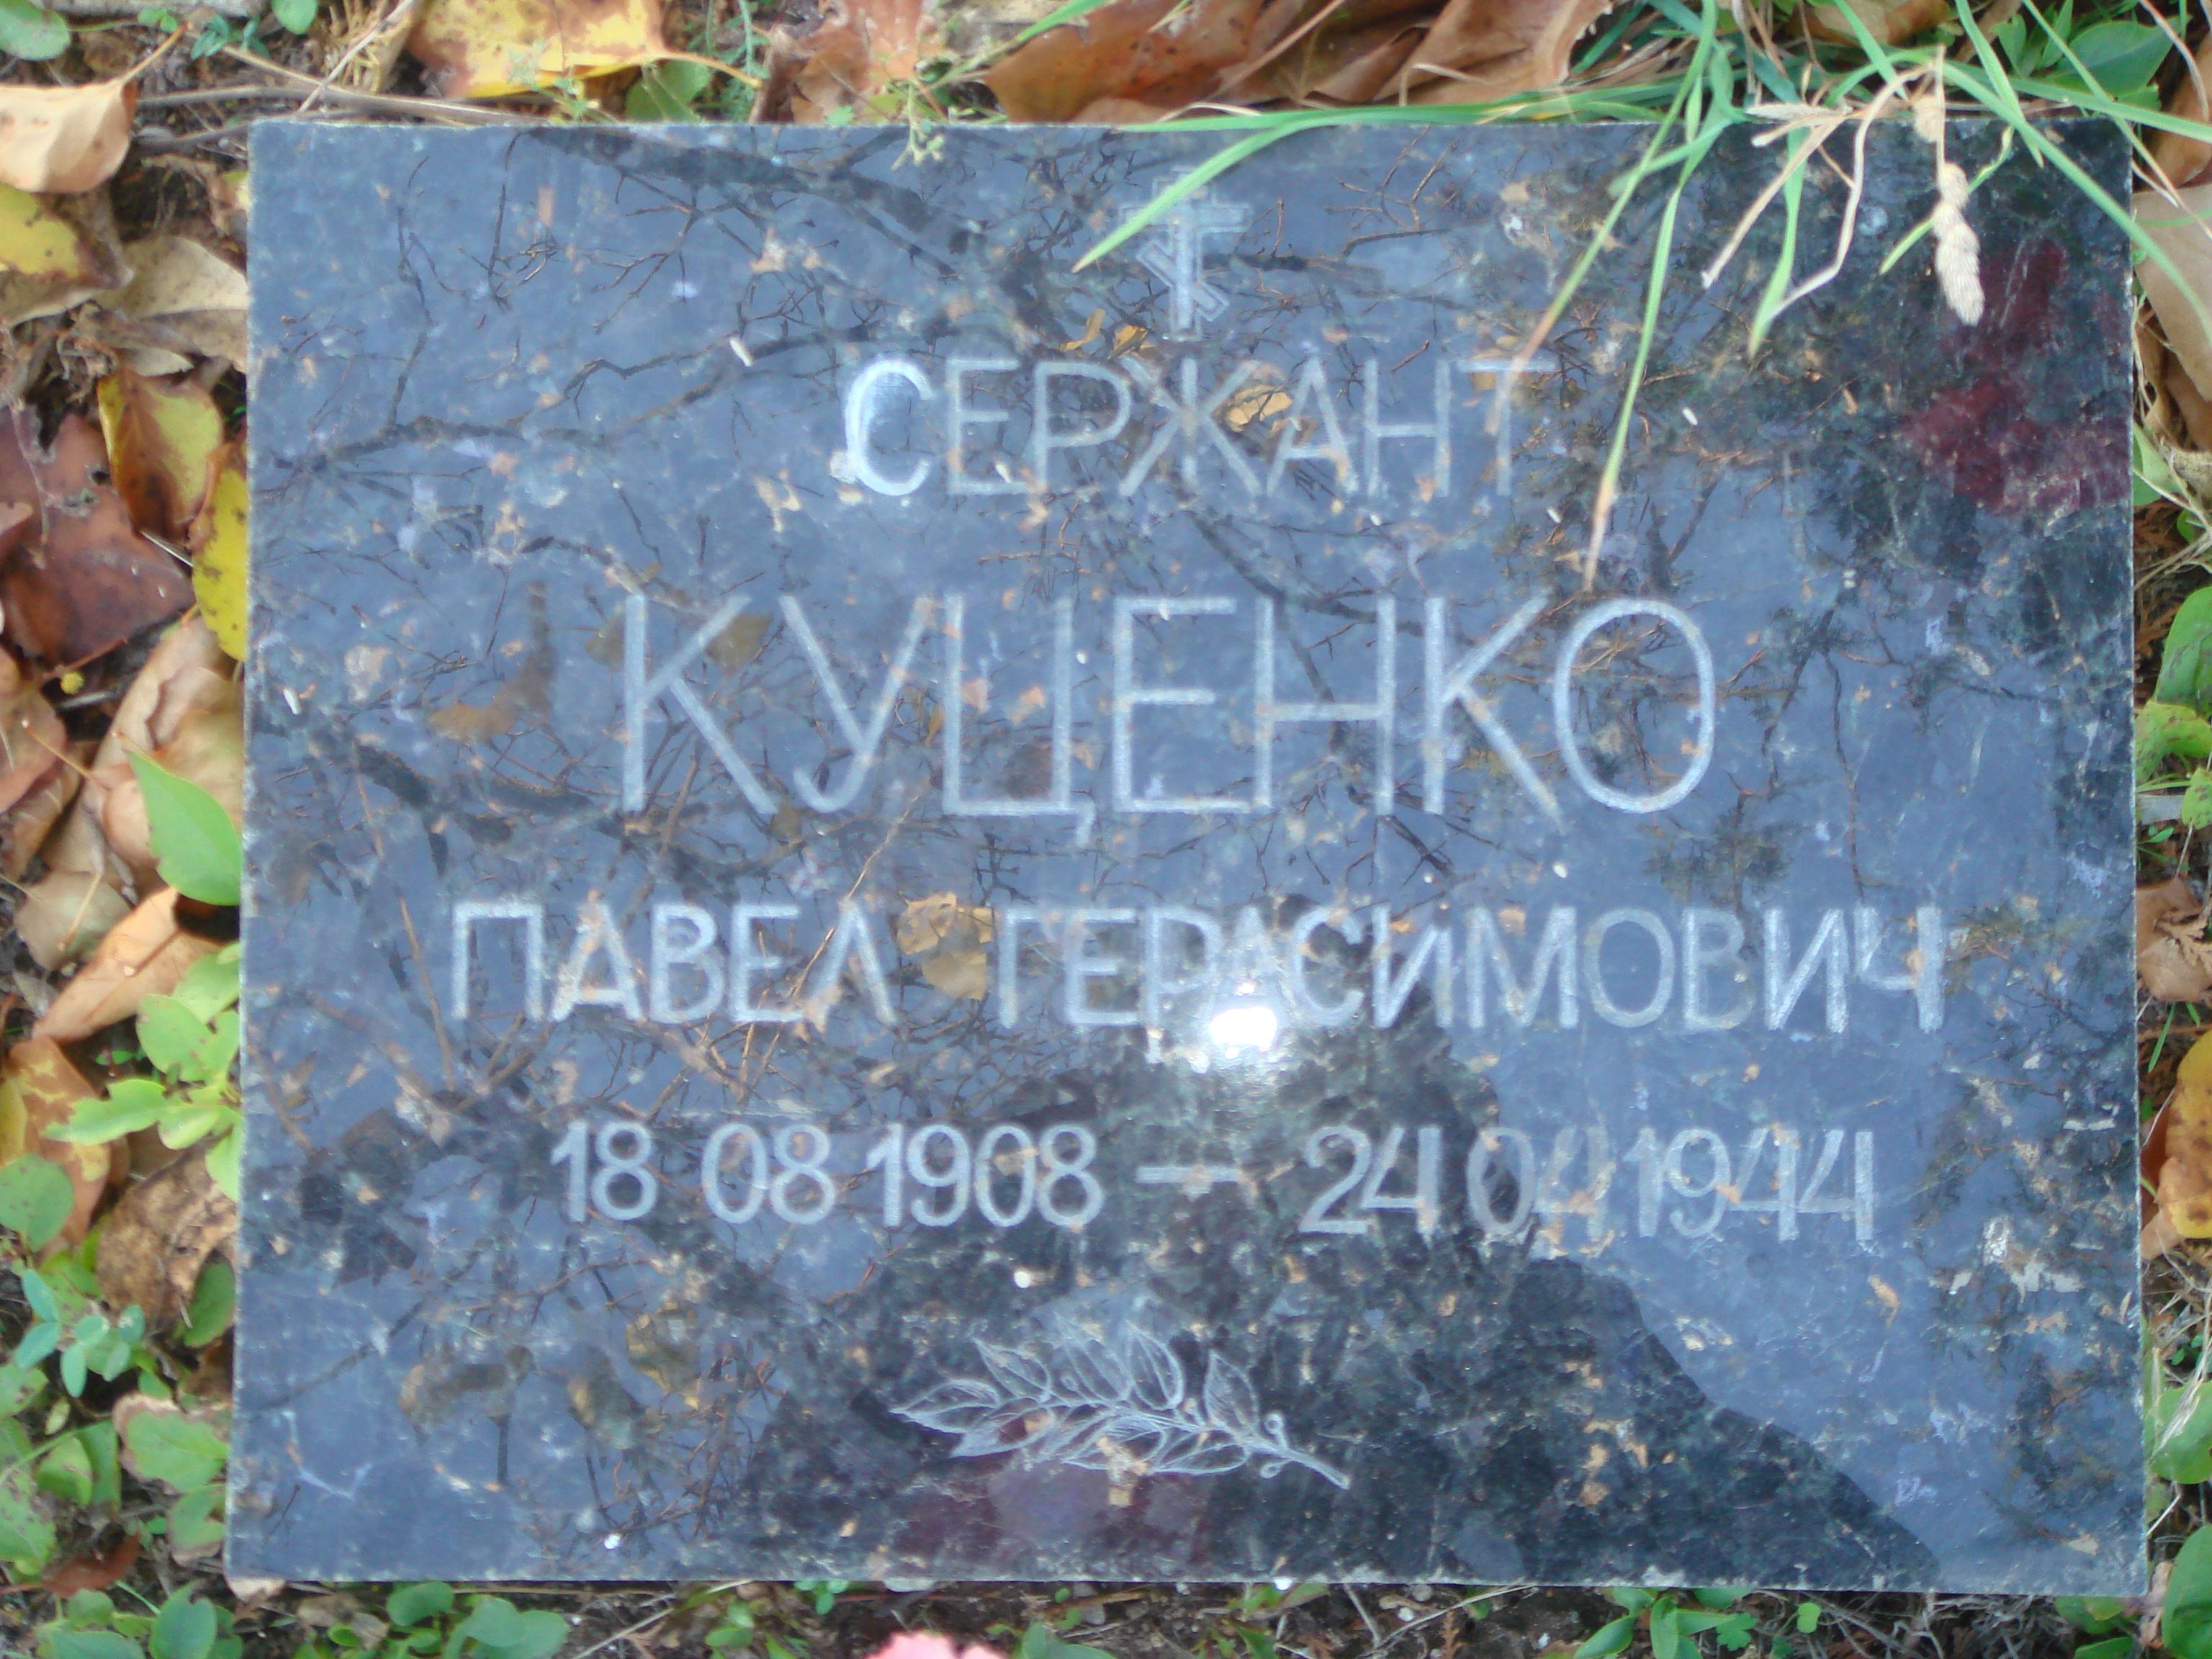 Сержант Куценко Павел Герасимович, 1908-1944